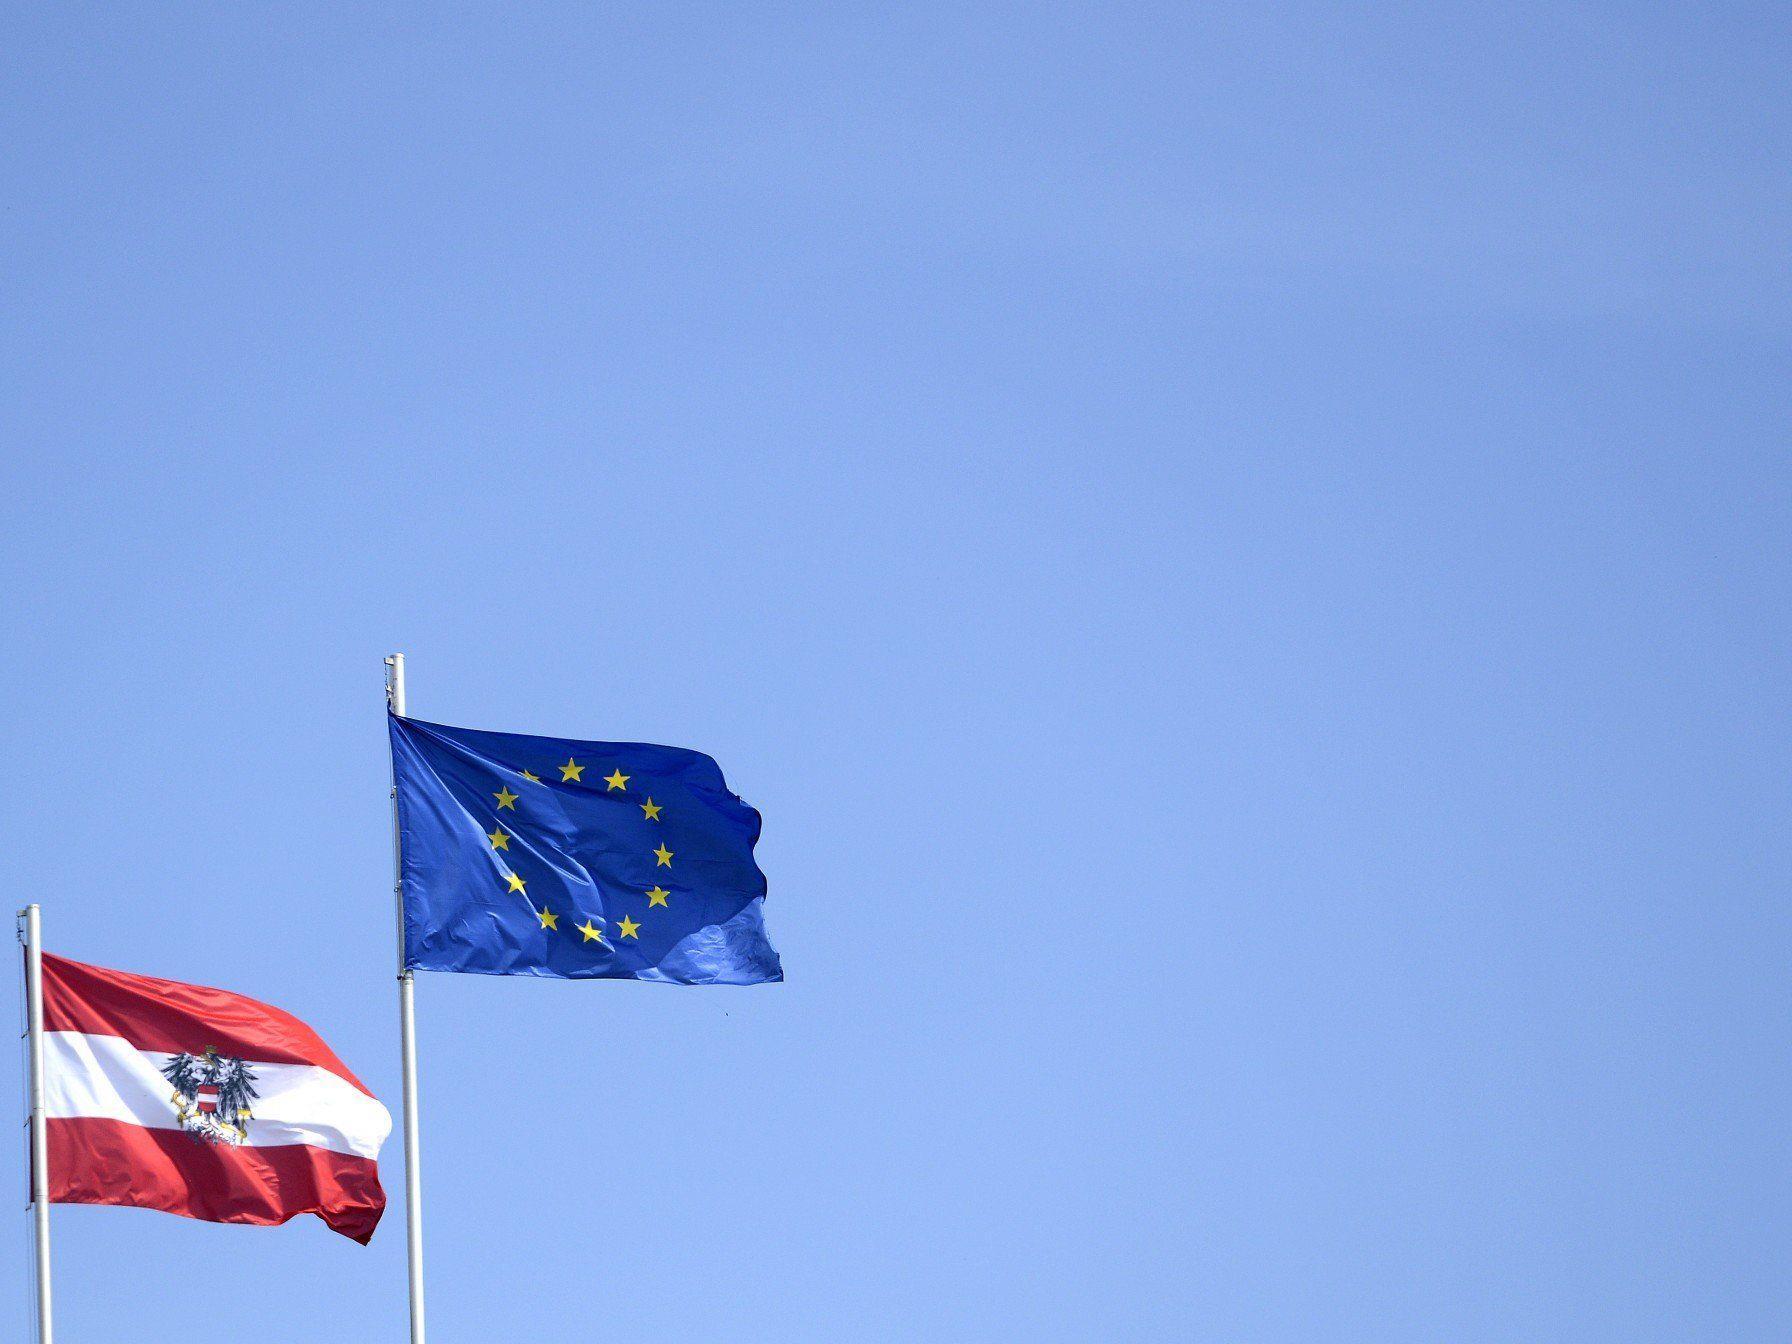 Übermäßiges Defizit korrigiert: Österreich nicht mehr im EU-Defizitverfahren